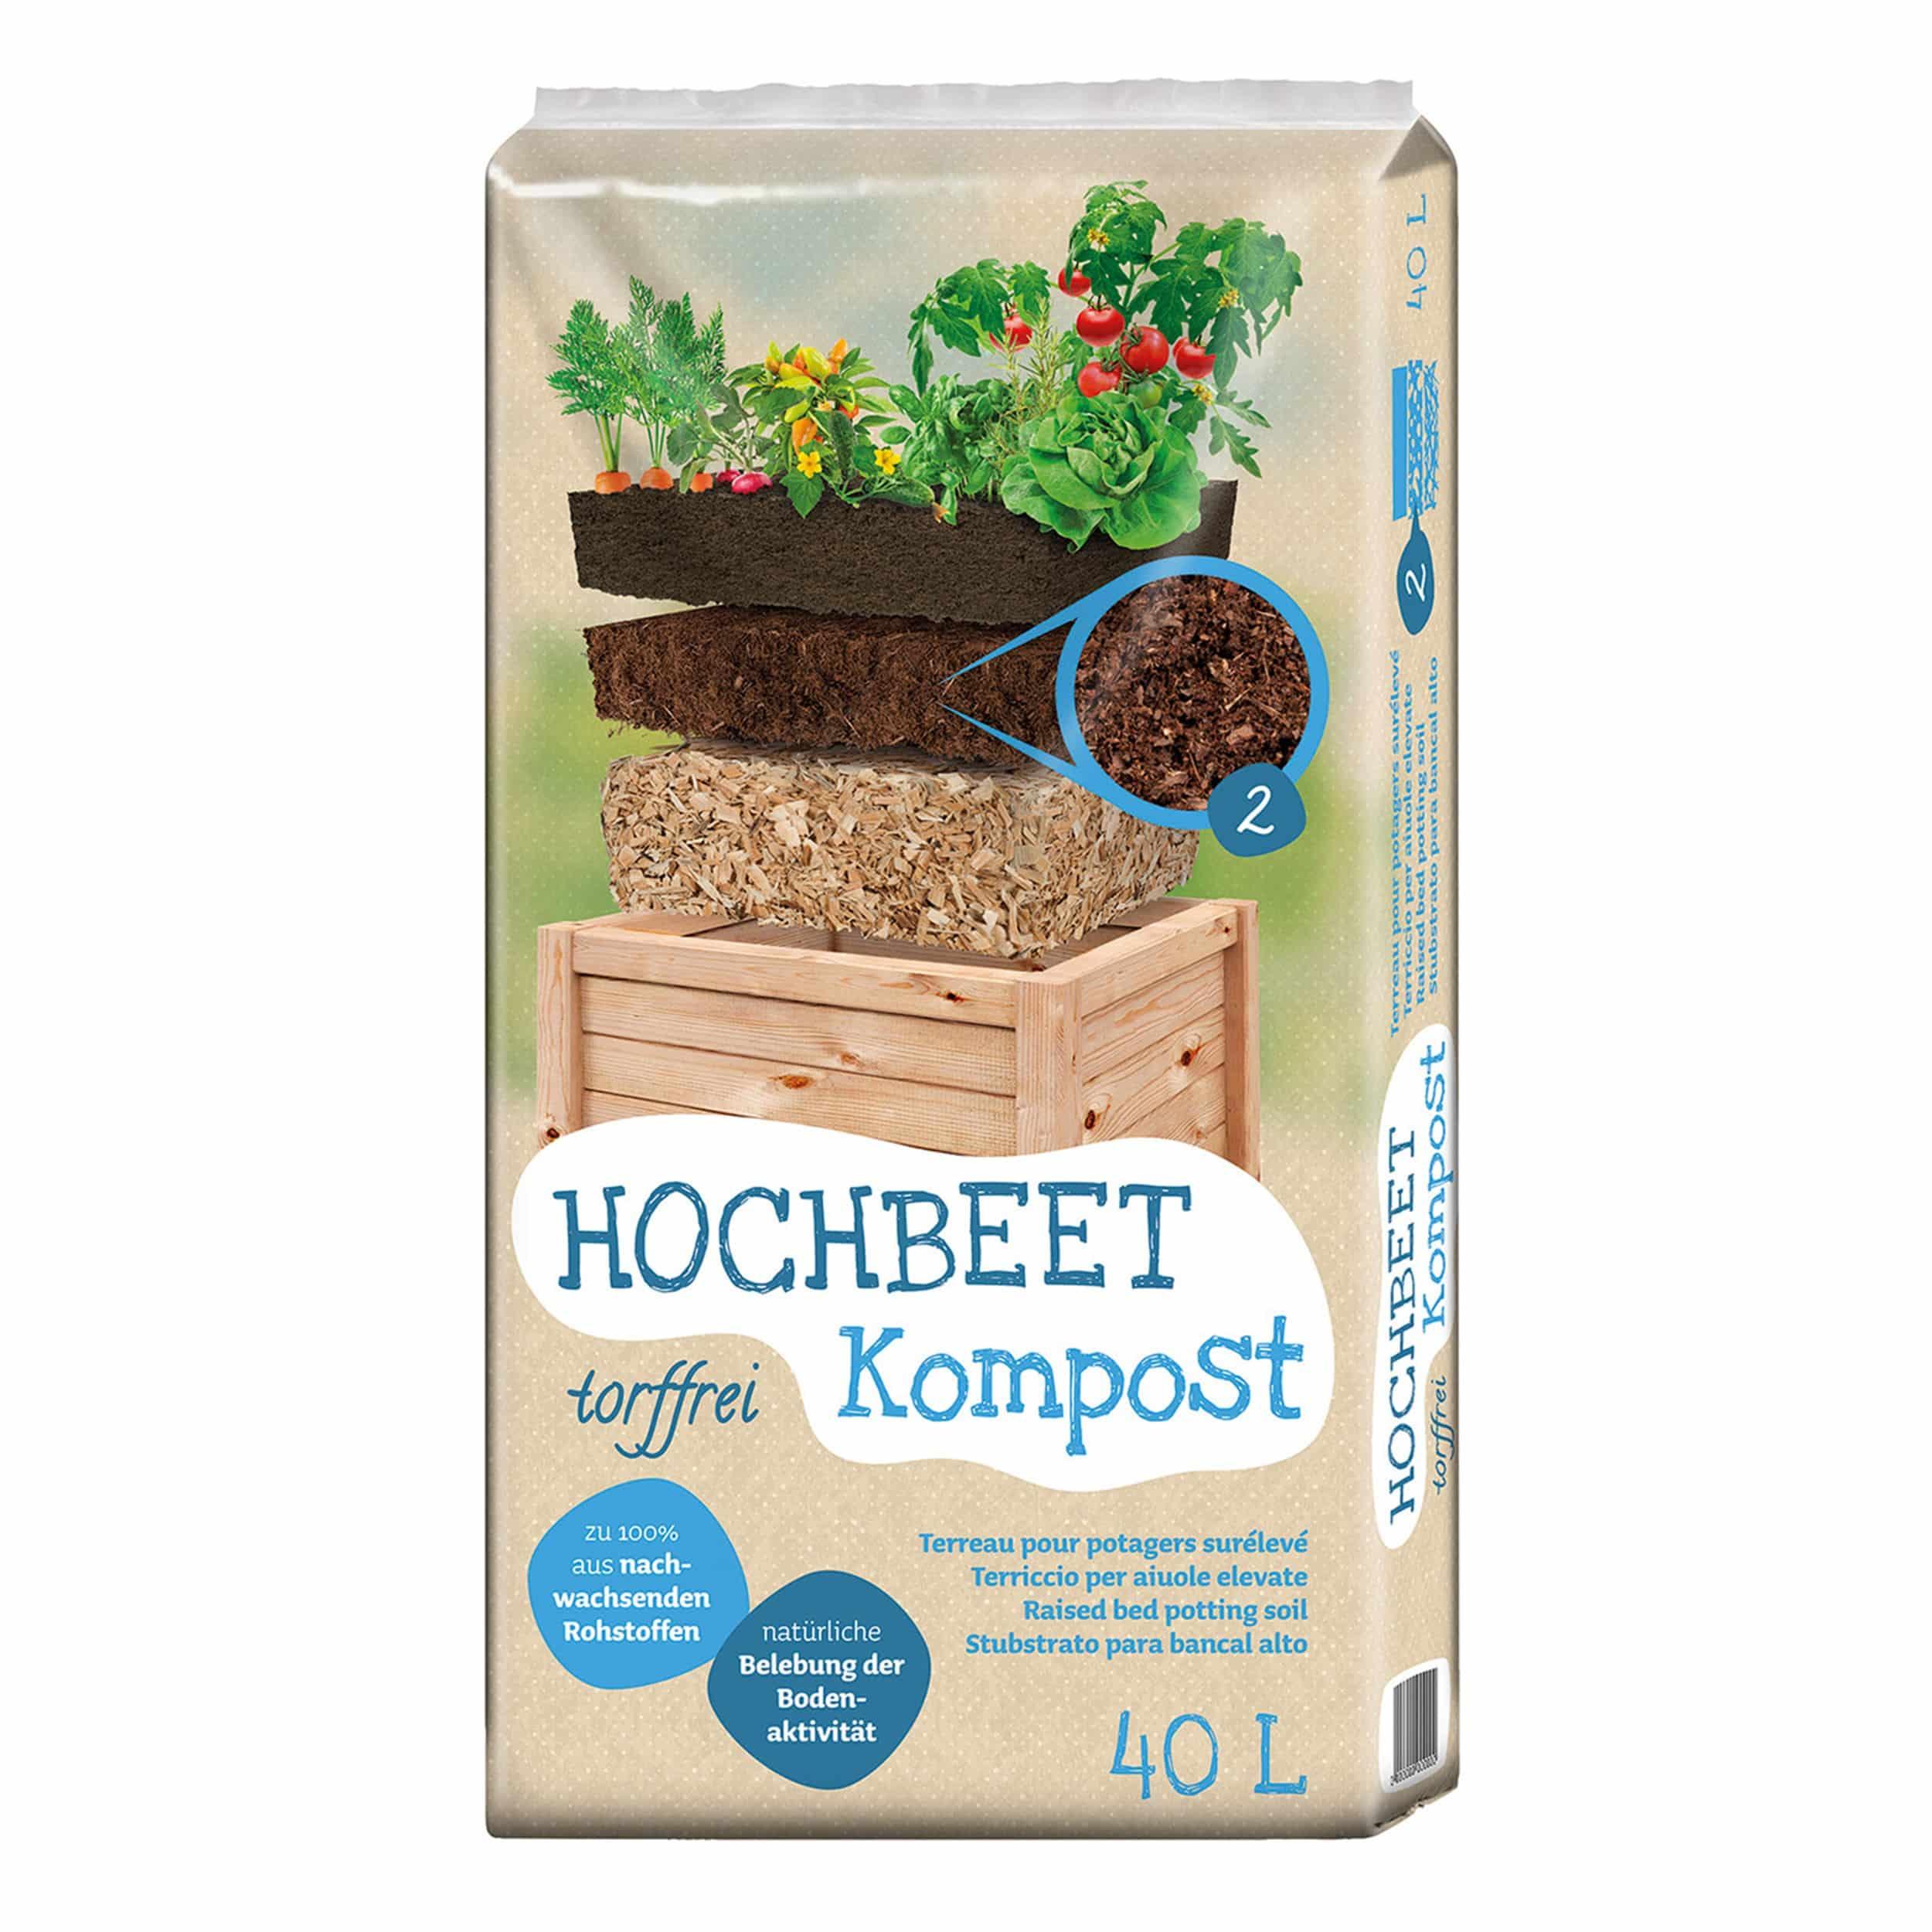 Universal Hochbeet Kompost 40 Liter